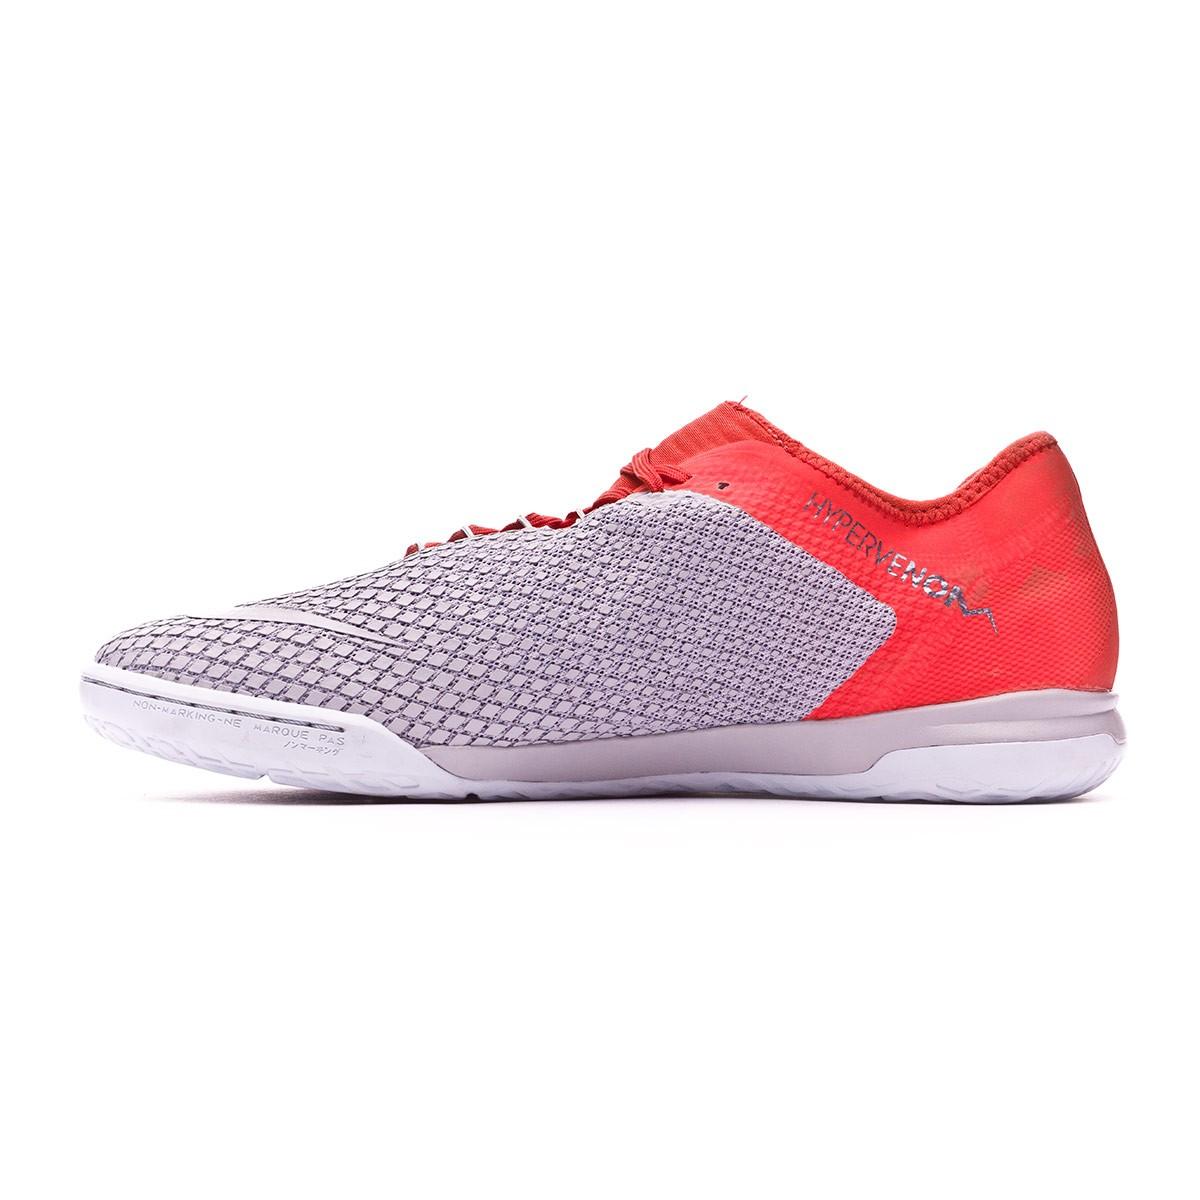 Nike Hypervenom Zoom PhantomX III Pro IC Futsal Boot